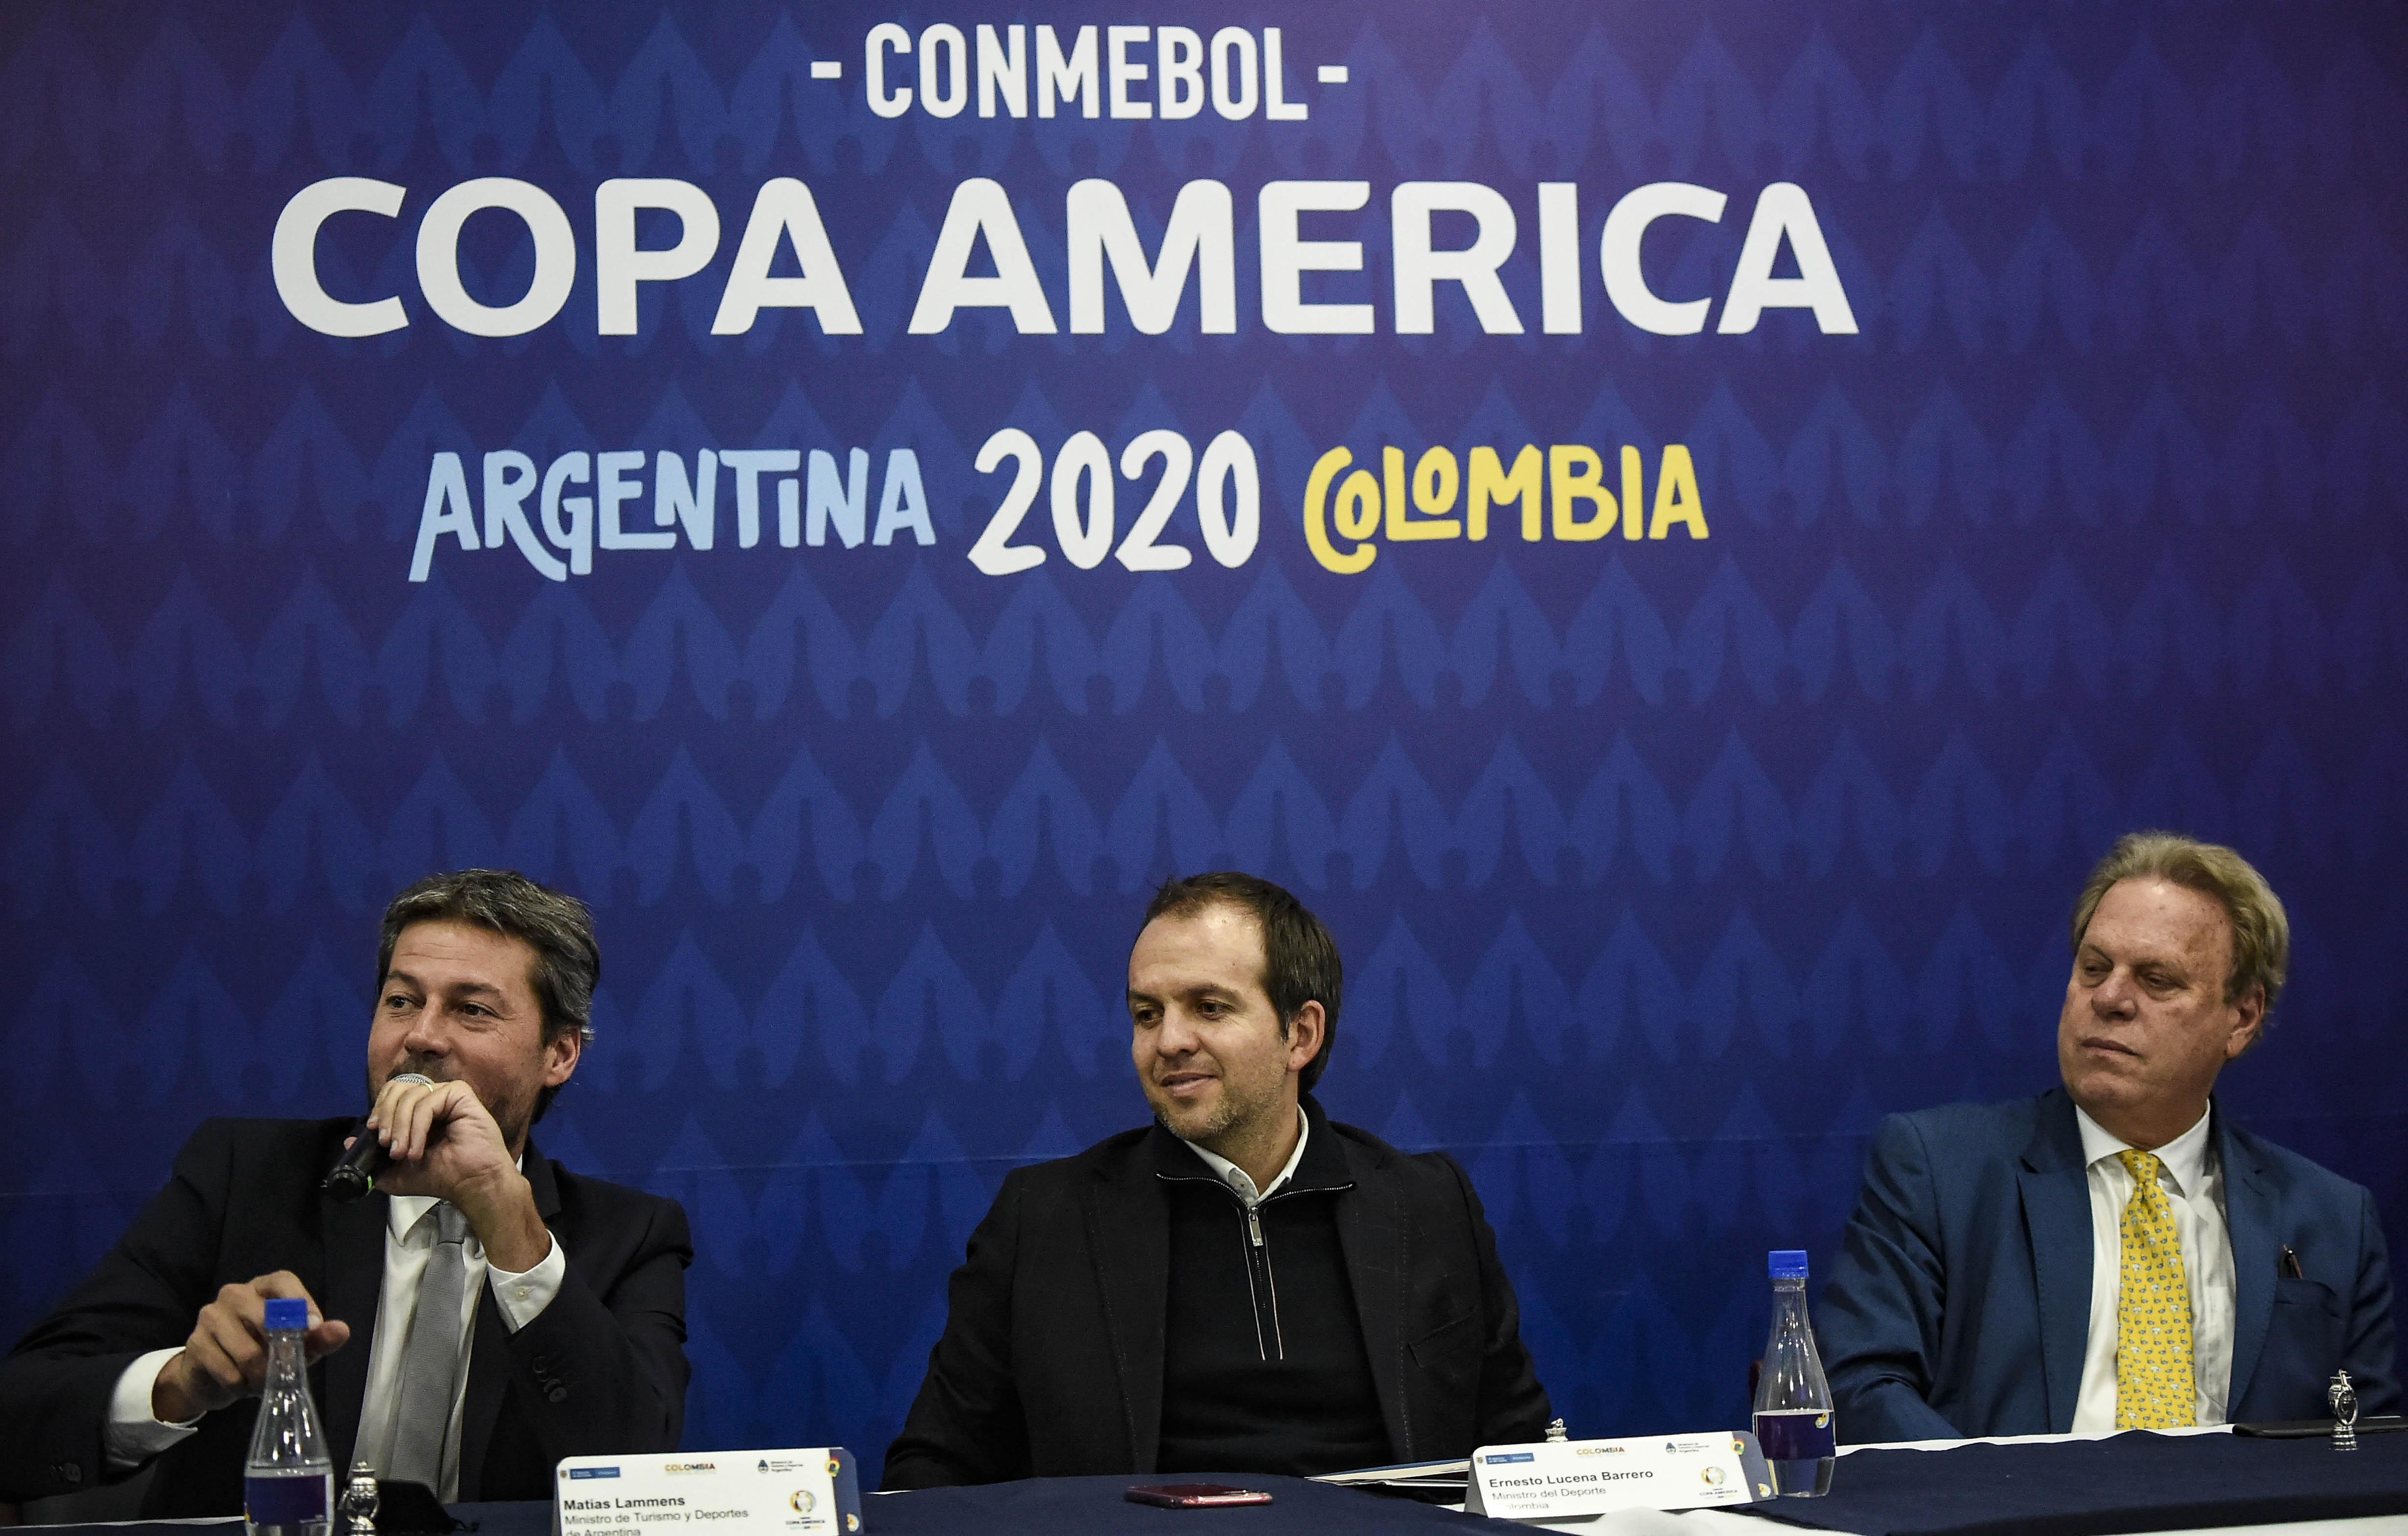 FBL-COPA美国- 2020 -压barrero lammens